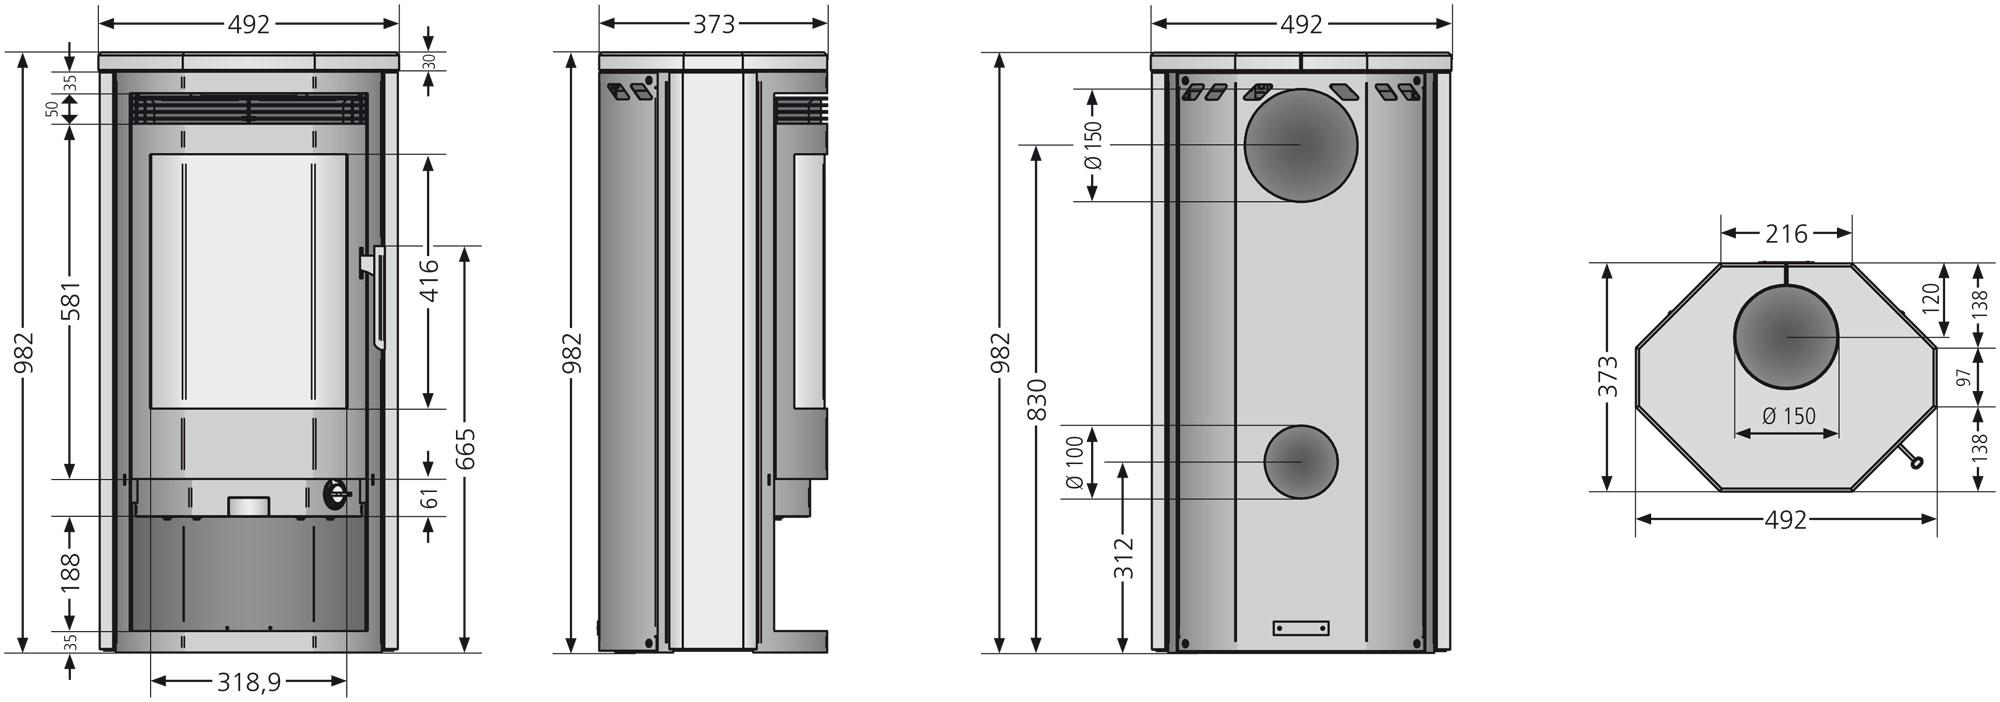 Kaminofen / Dauerbrandofen Justus Usedom 5 D Speckstein grau 5kW Bild 2